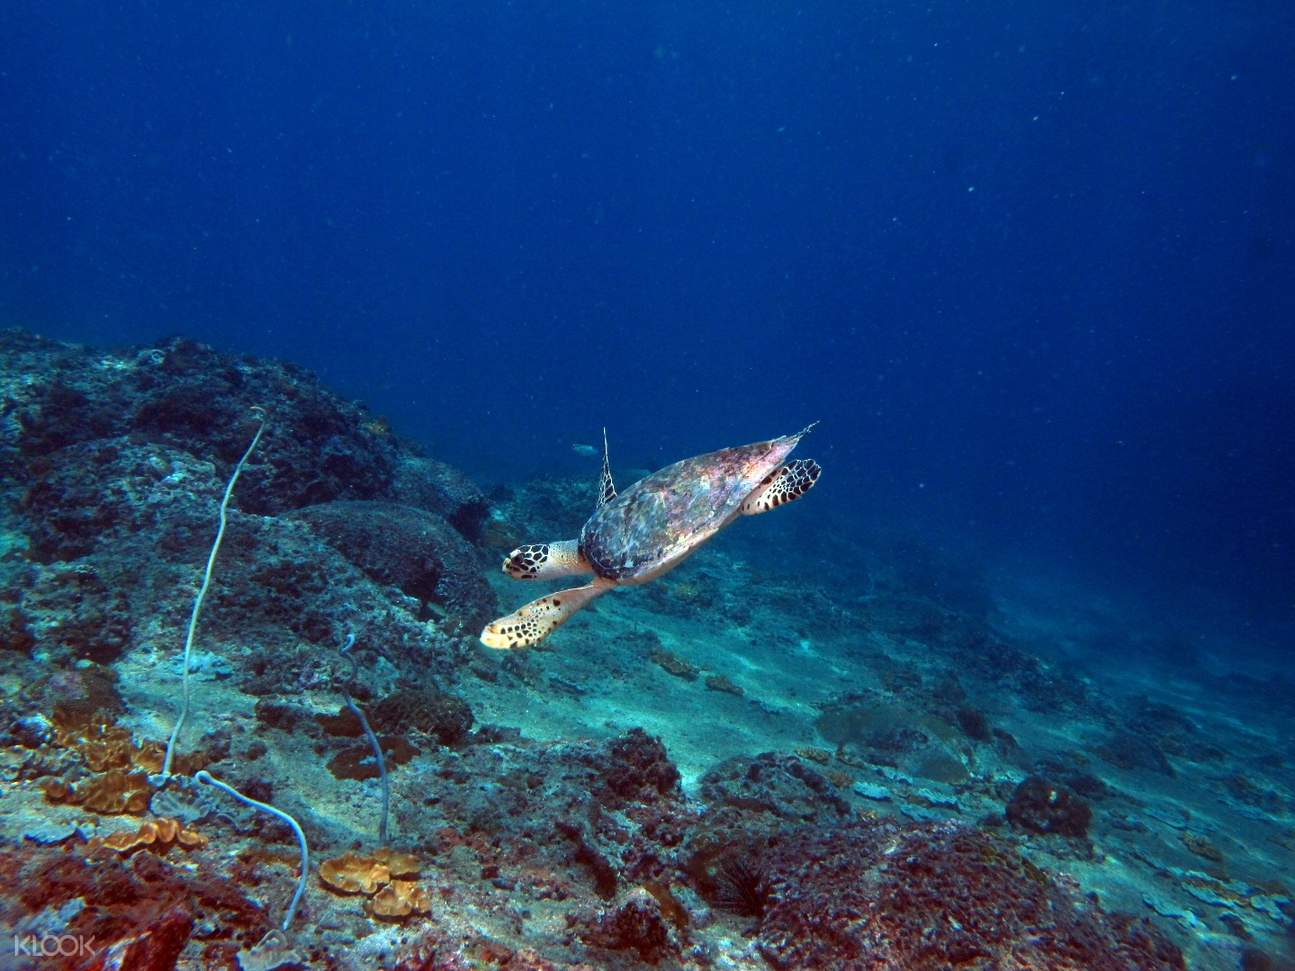 scuba diving course Koh phi phi